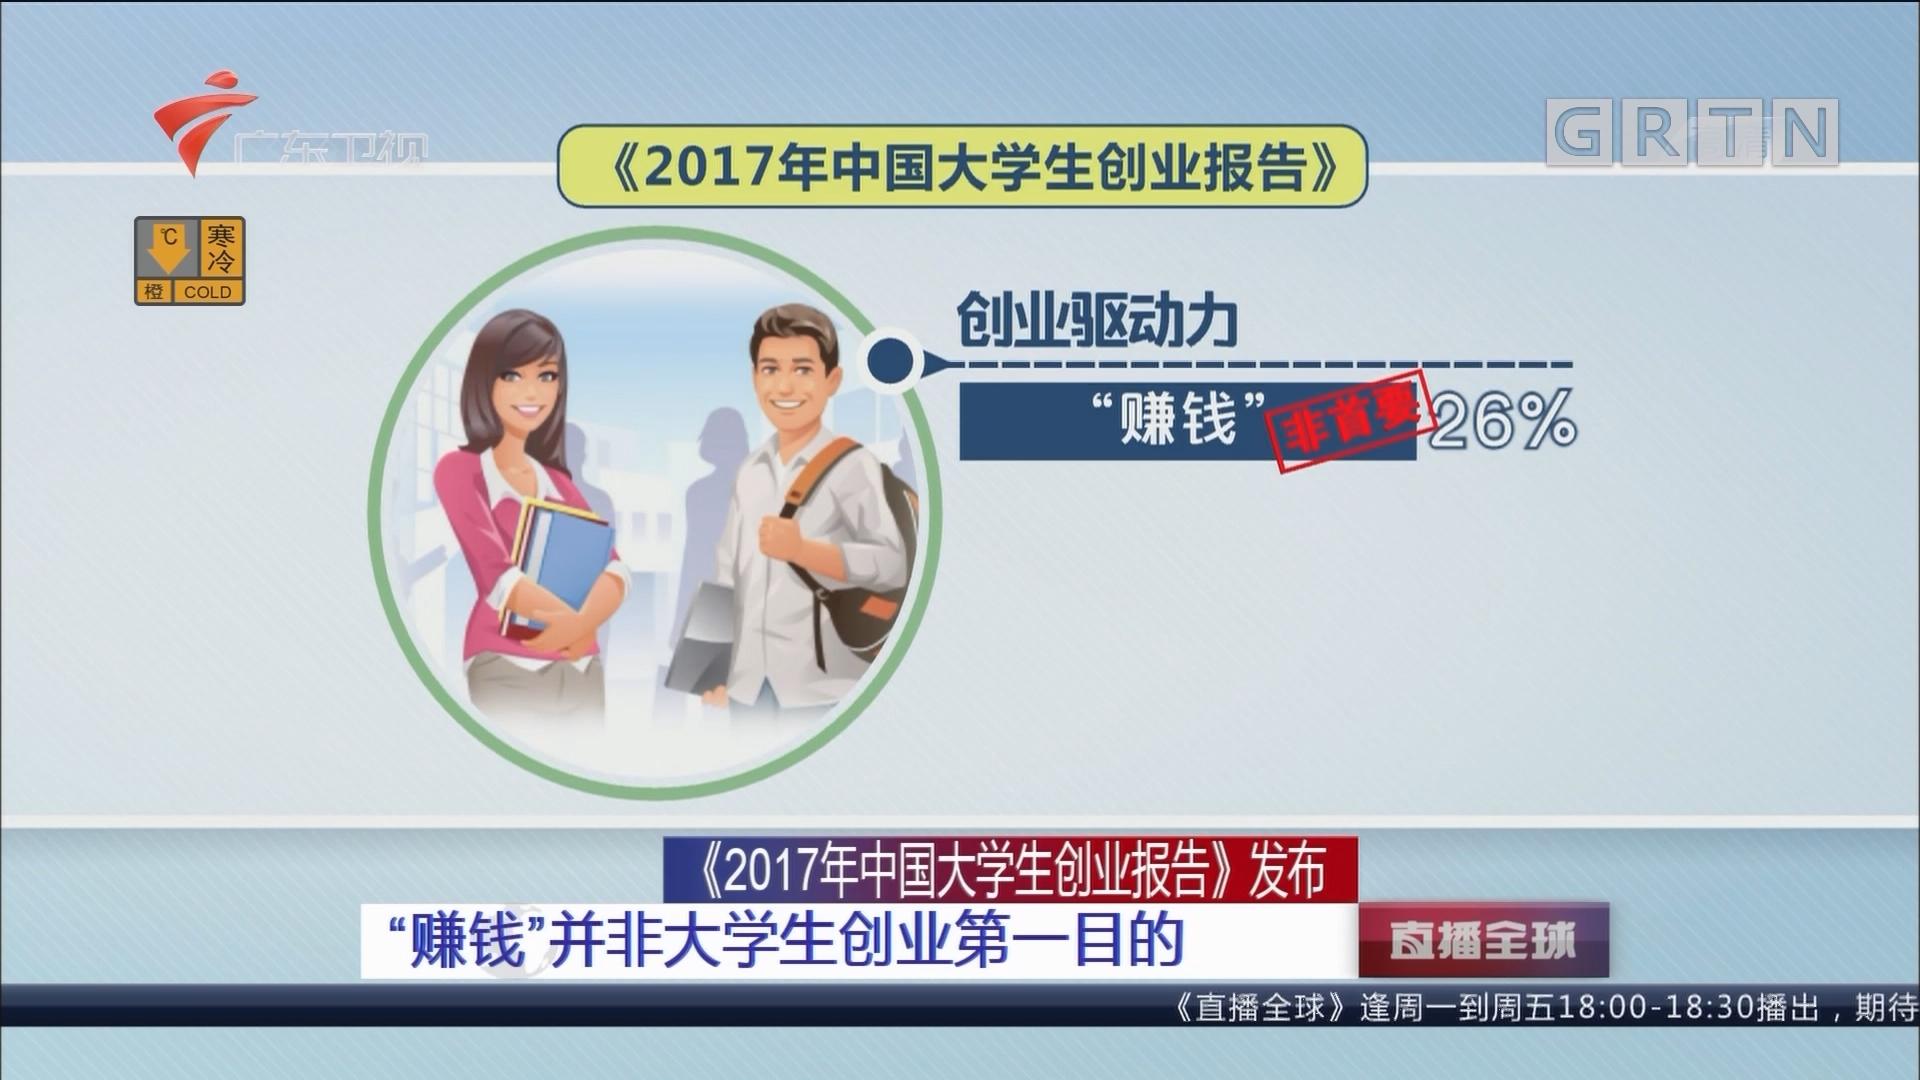 """《2017年中国大学生创业报告》发布 """"赚钱""""并非大学生创业第一目的"""